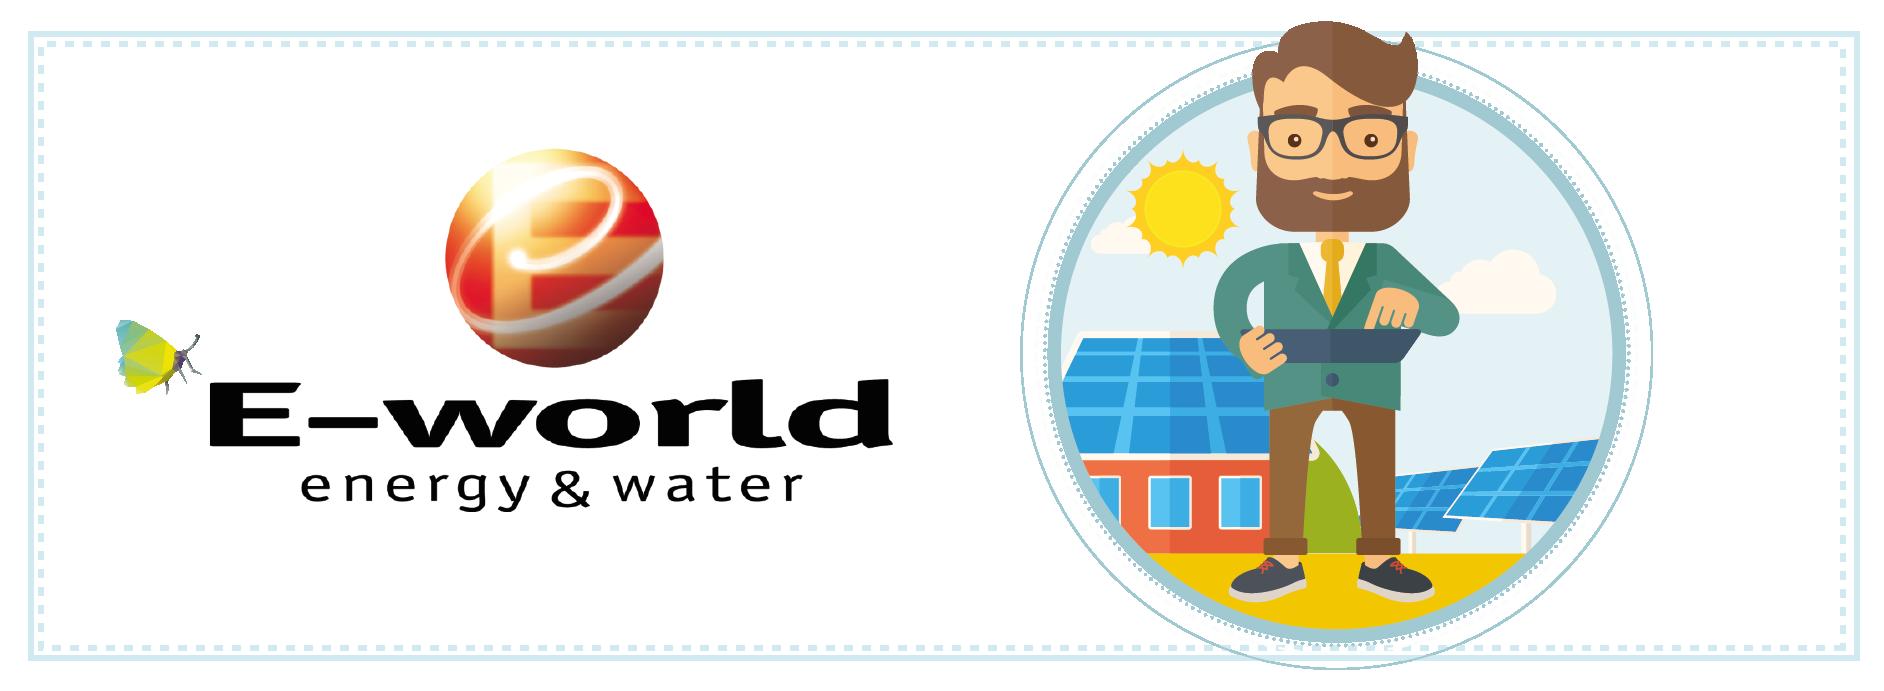 eworld-image-blog3x